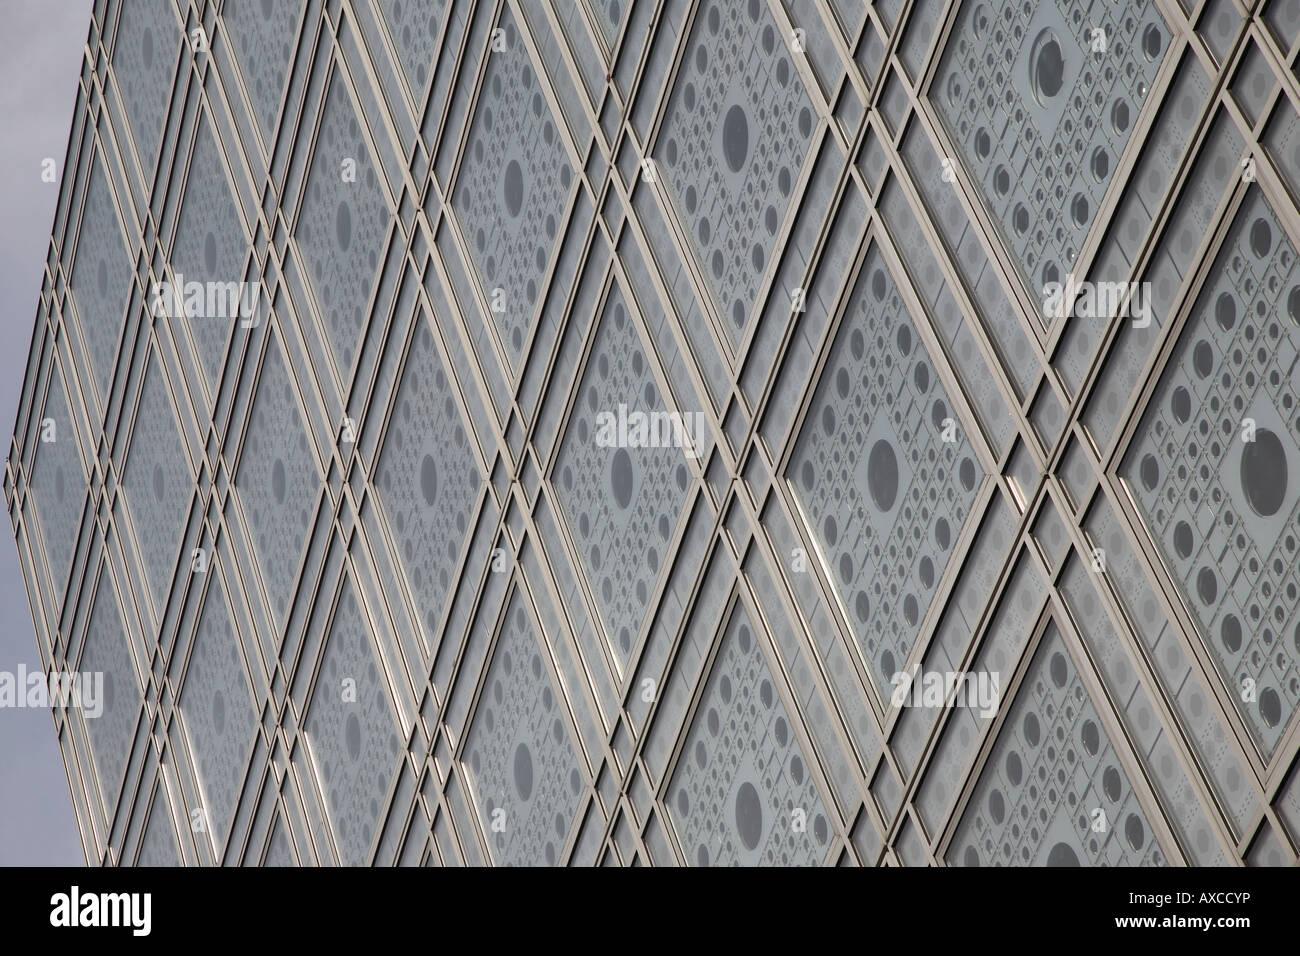 Institut du Monde Arabe, Institute of the Arab World, Paris, France - Stock Image